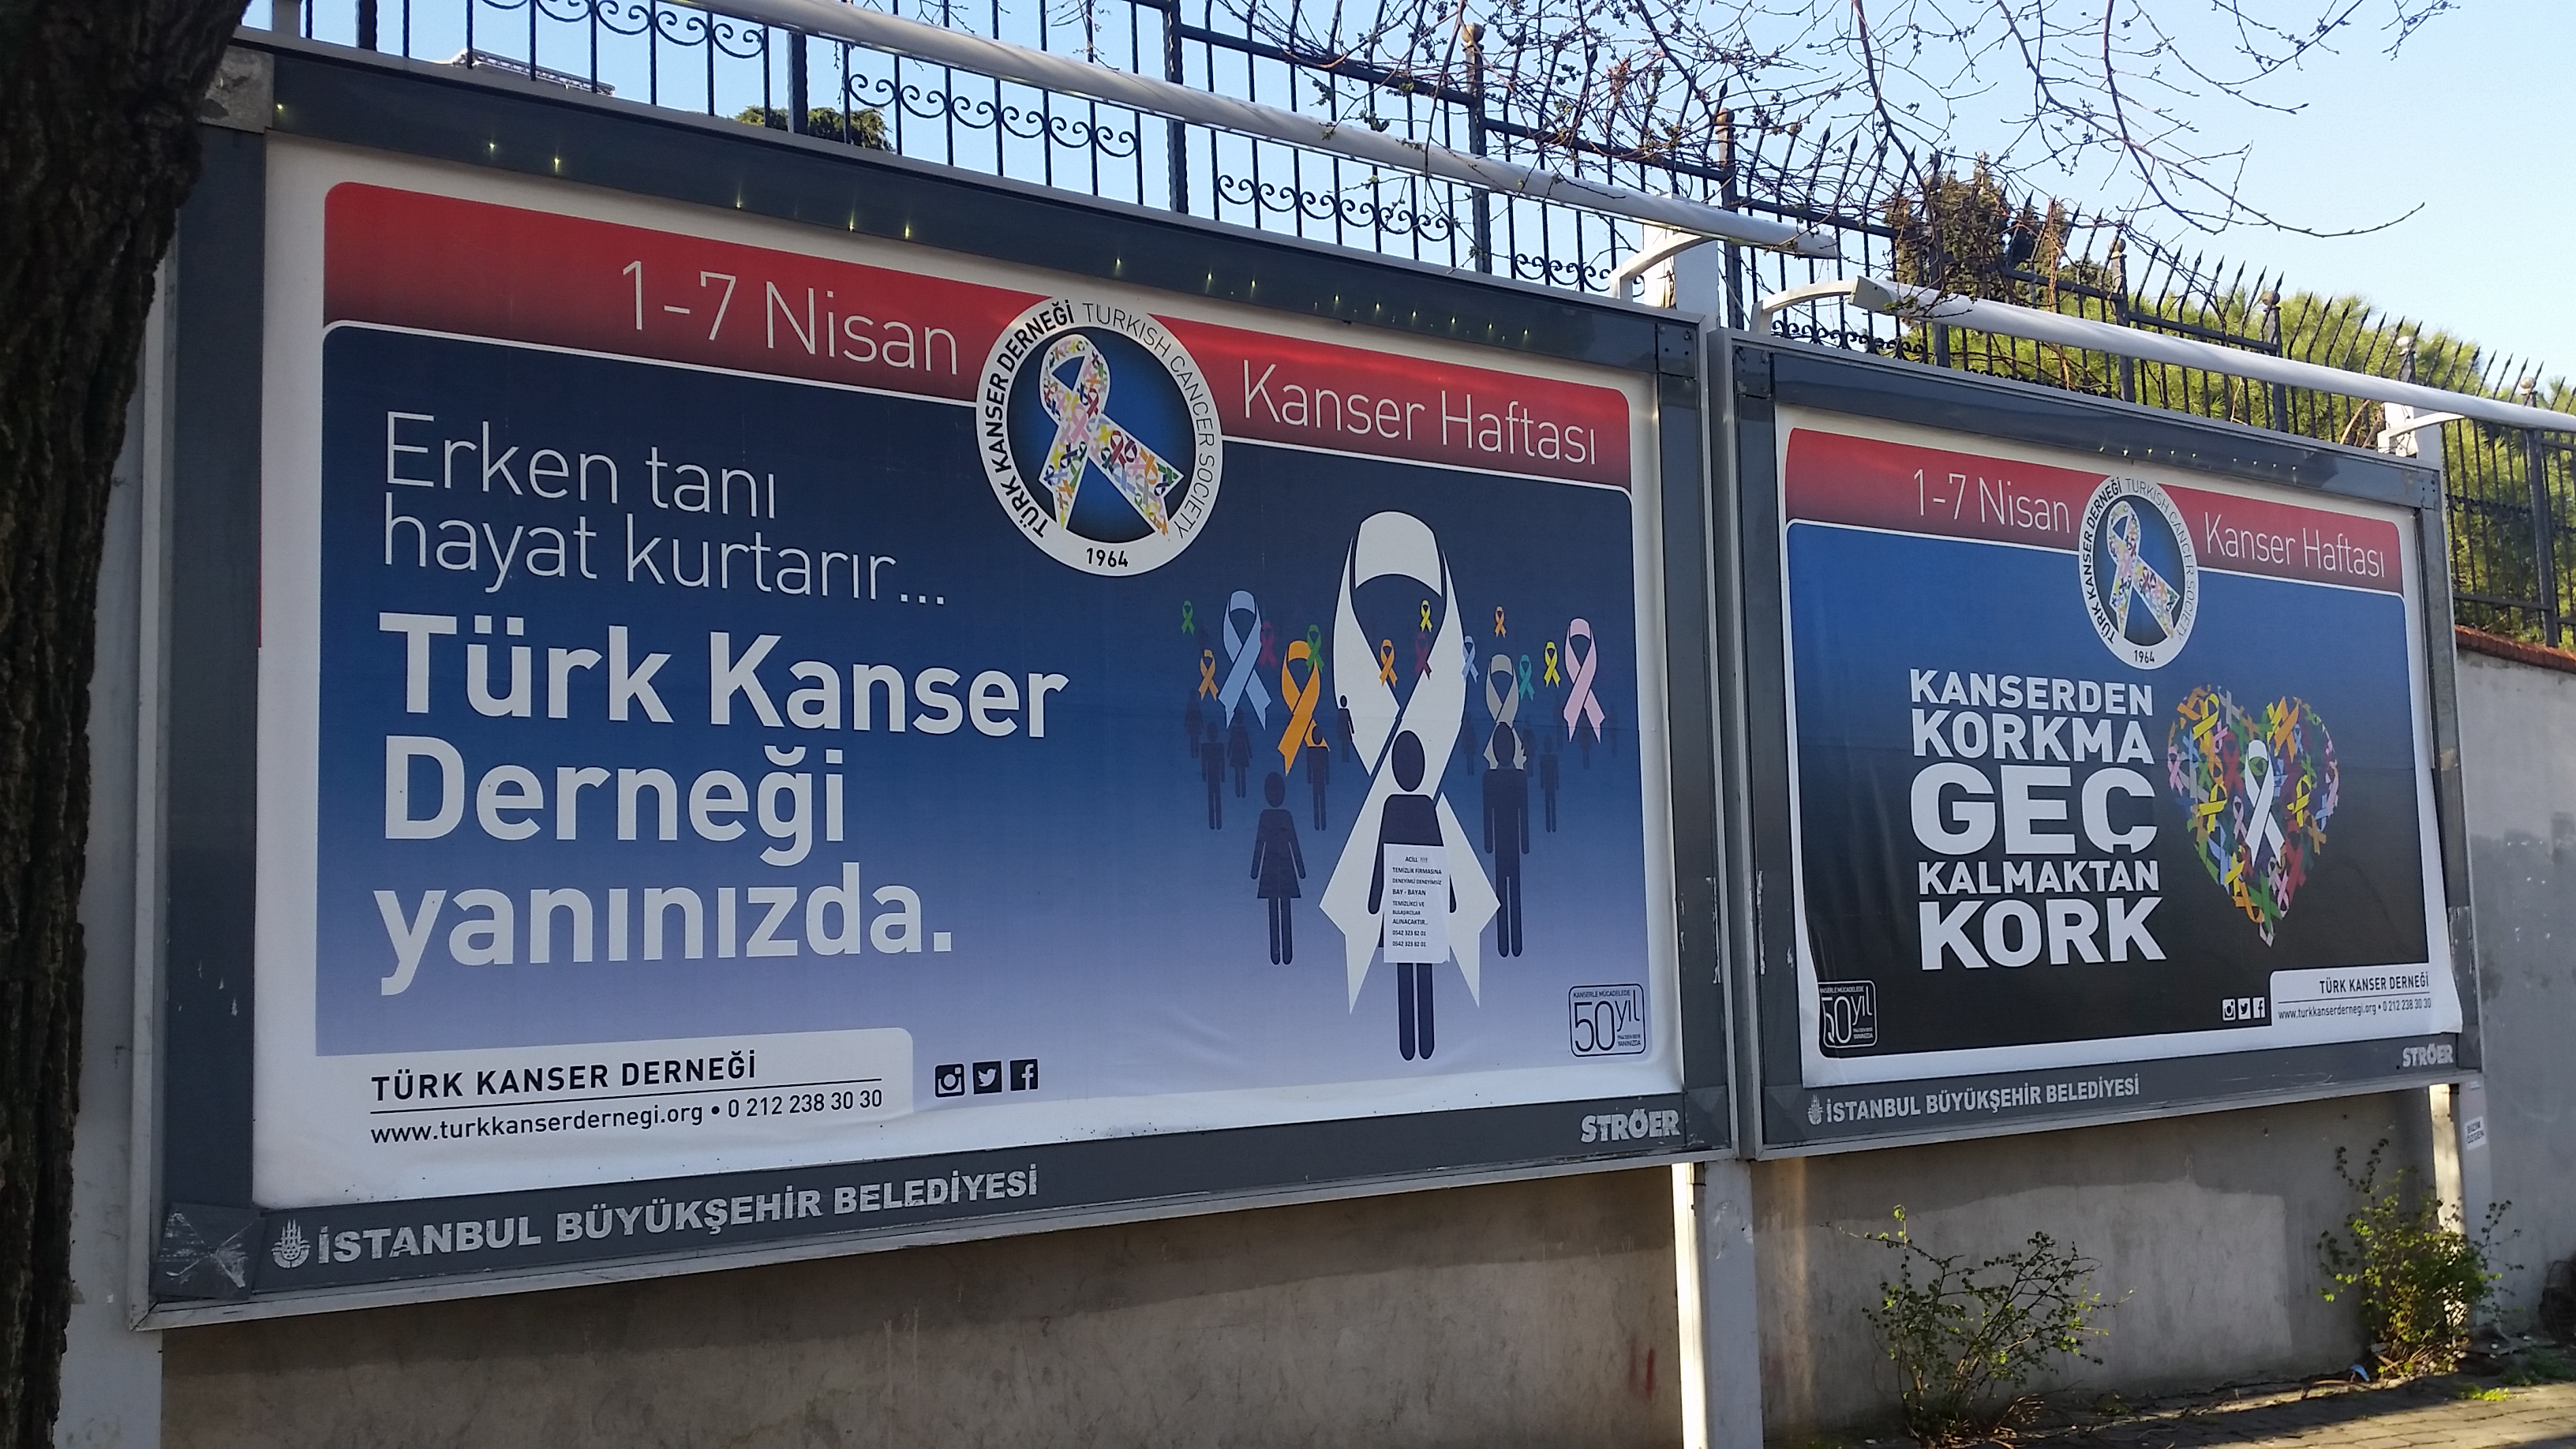 2015 Farkındalık Çalışmaları - TÜRK KANSER DERNEĞİ